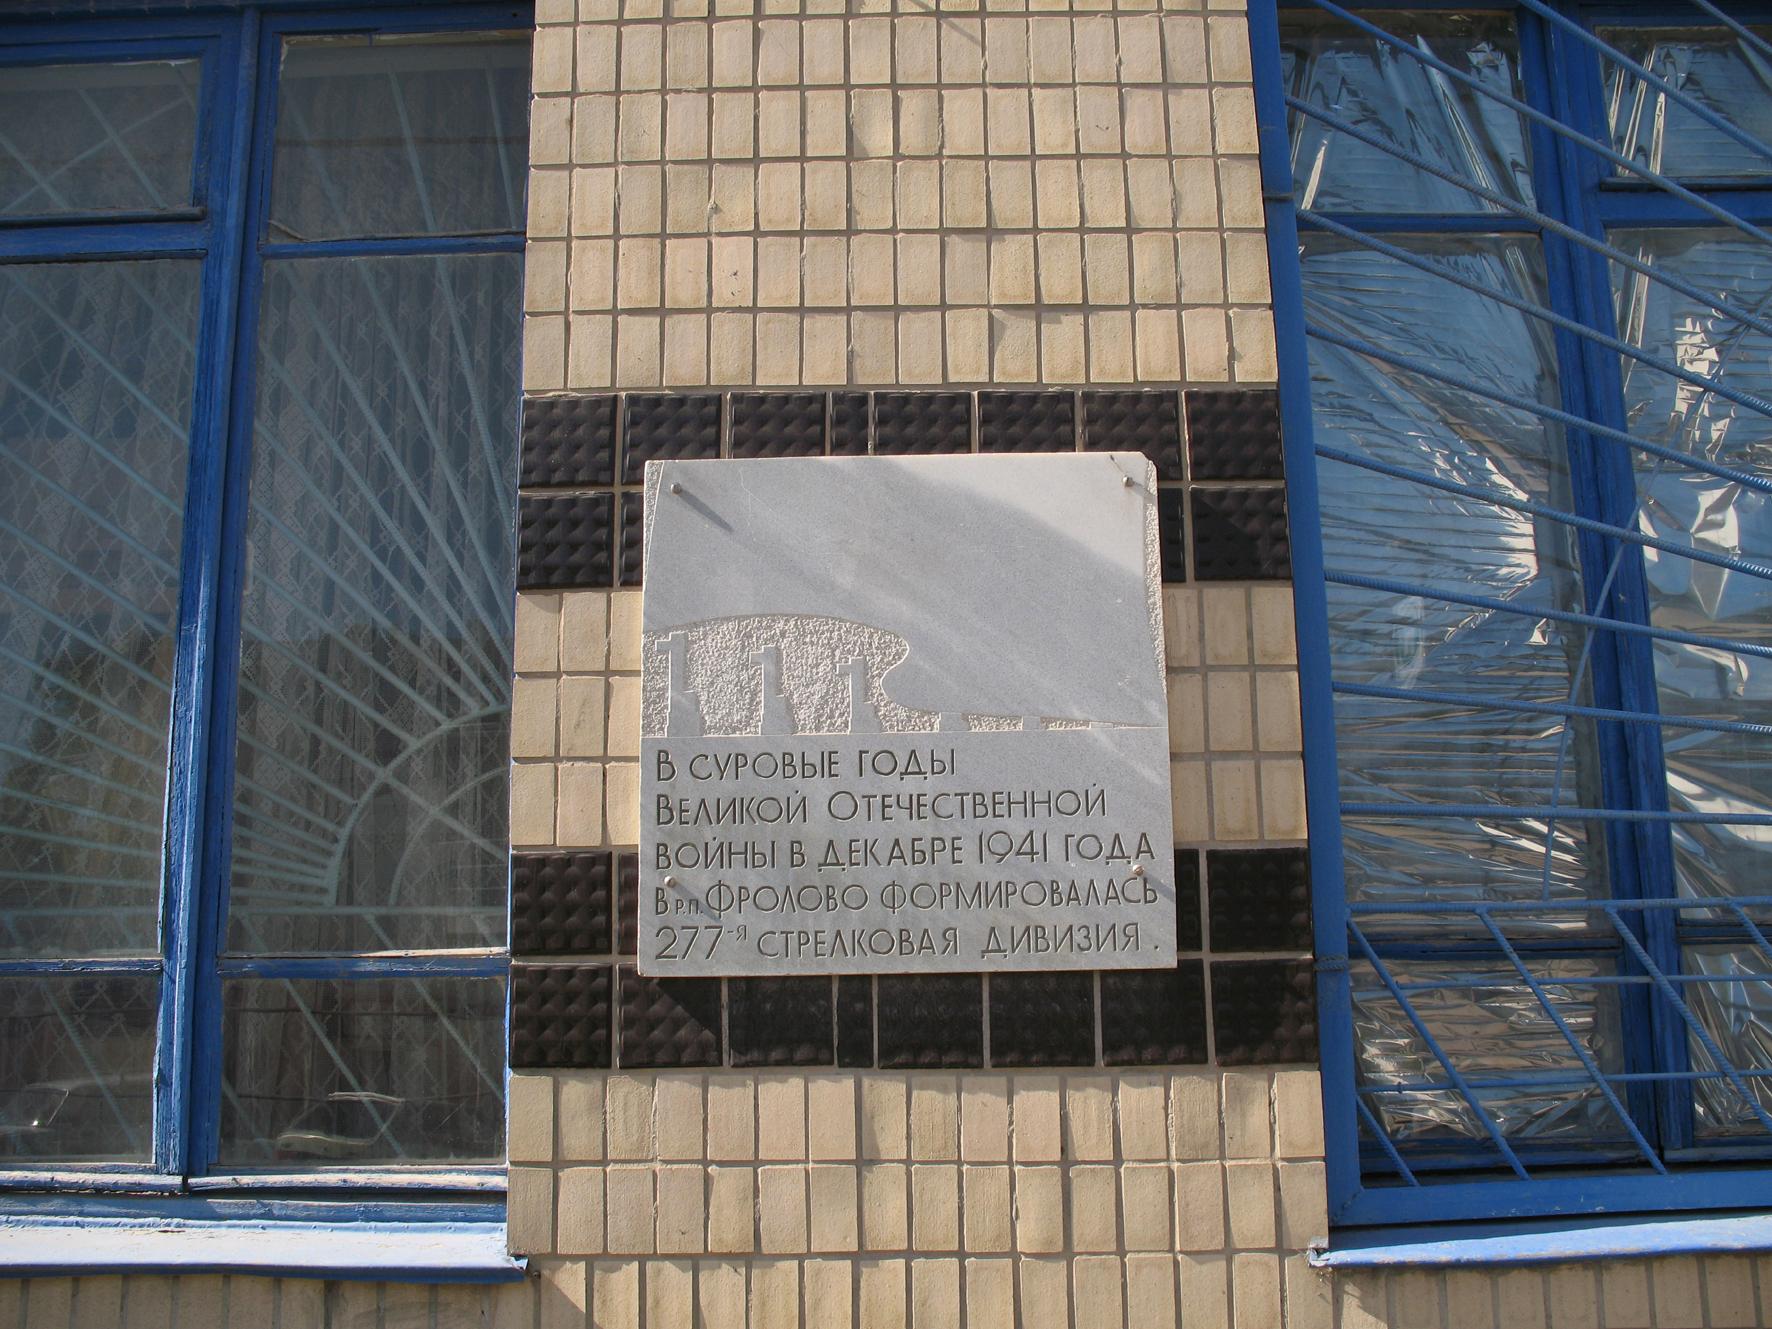 Здание, где формировалась 277-я стрелковая дивизия